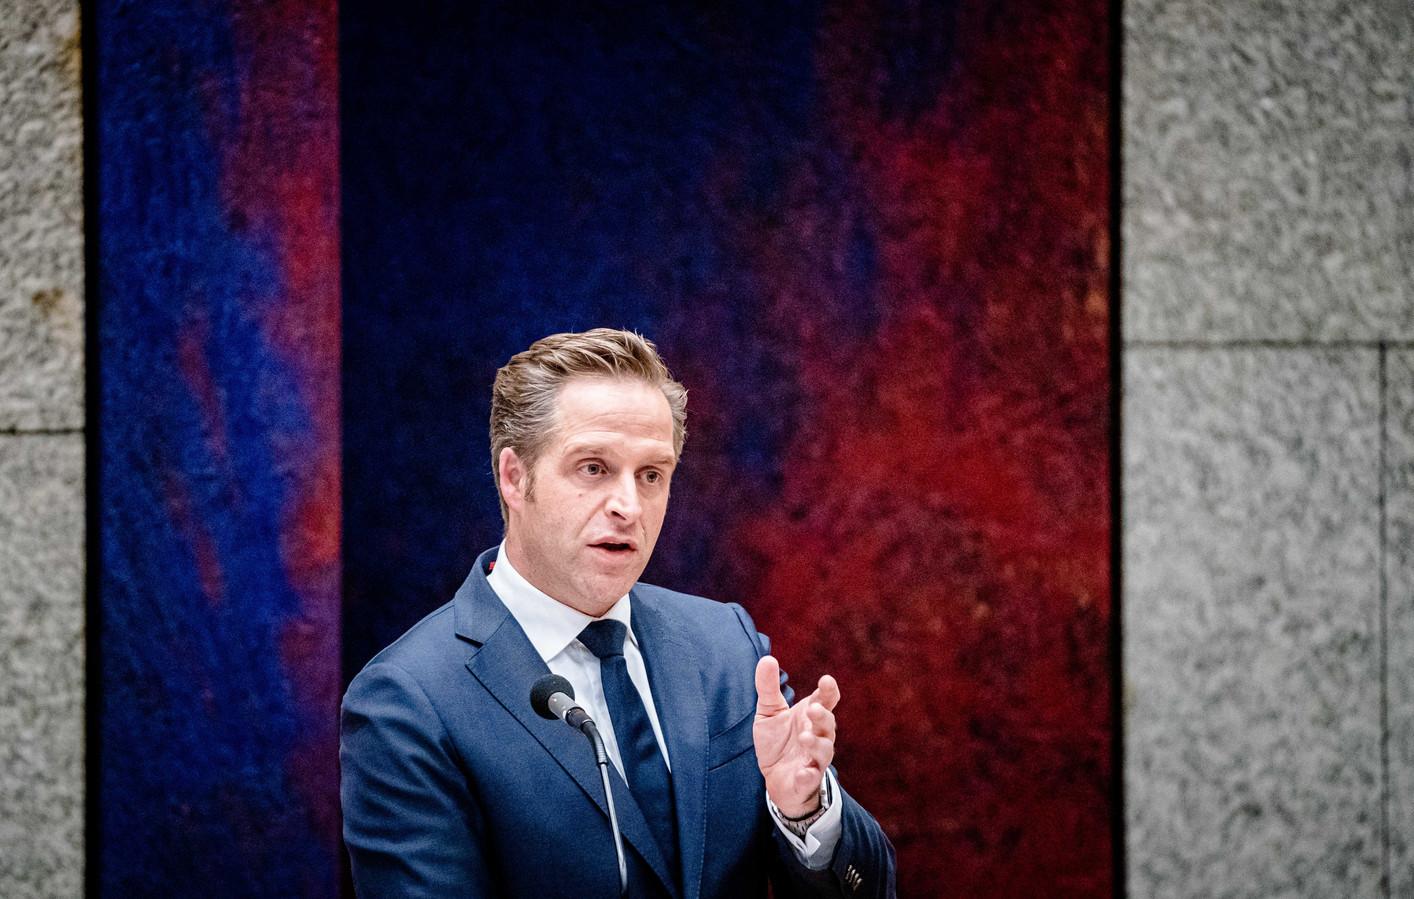 Demissionair Minister Hugo de Jonge van Volksgezondheid, Welzijn en Sport (CDA).